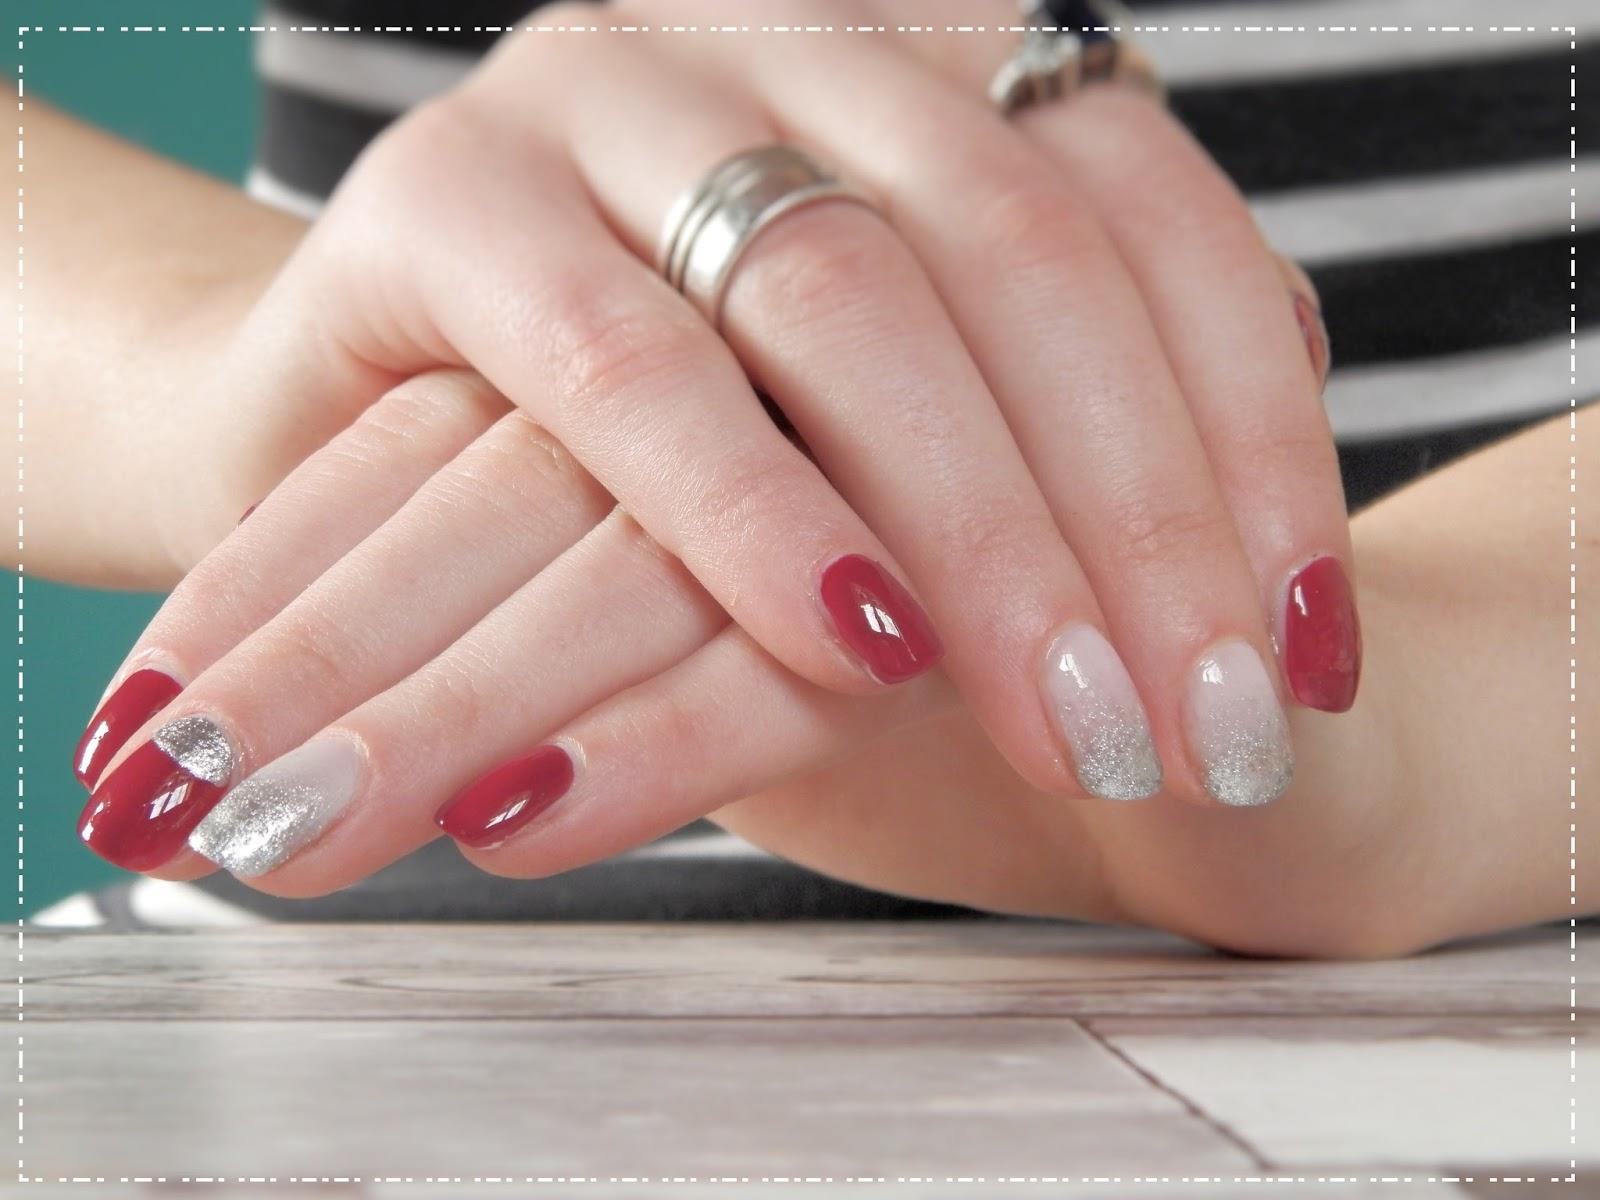 Taniec uczuć - Flamenco [ manicure z Indigo]